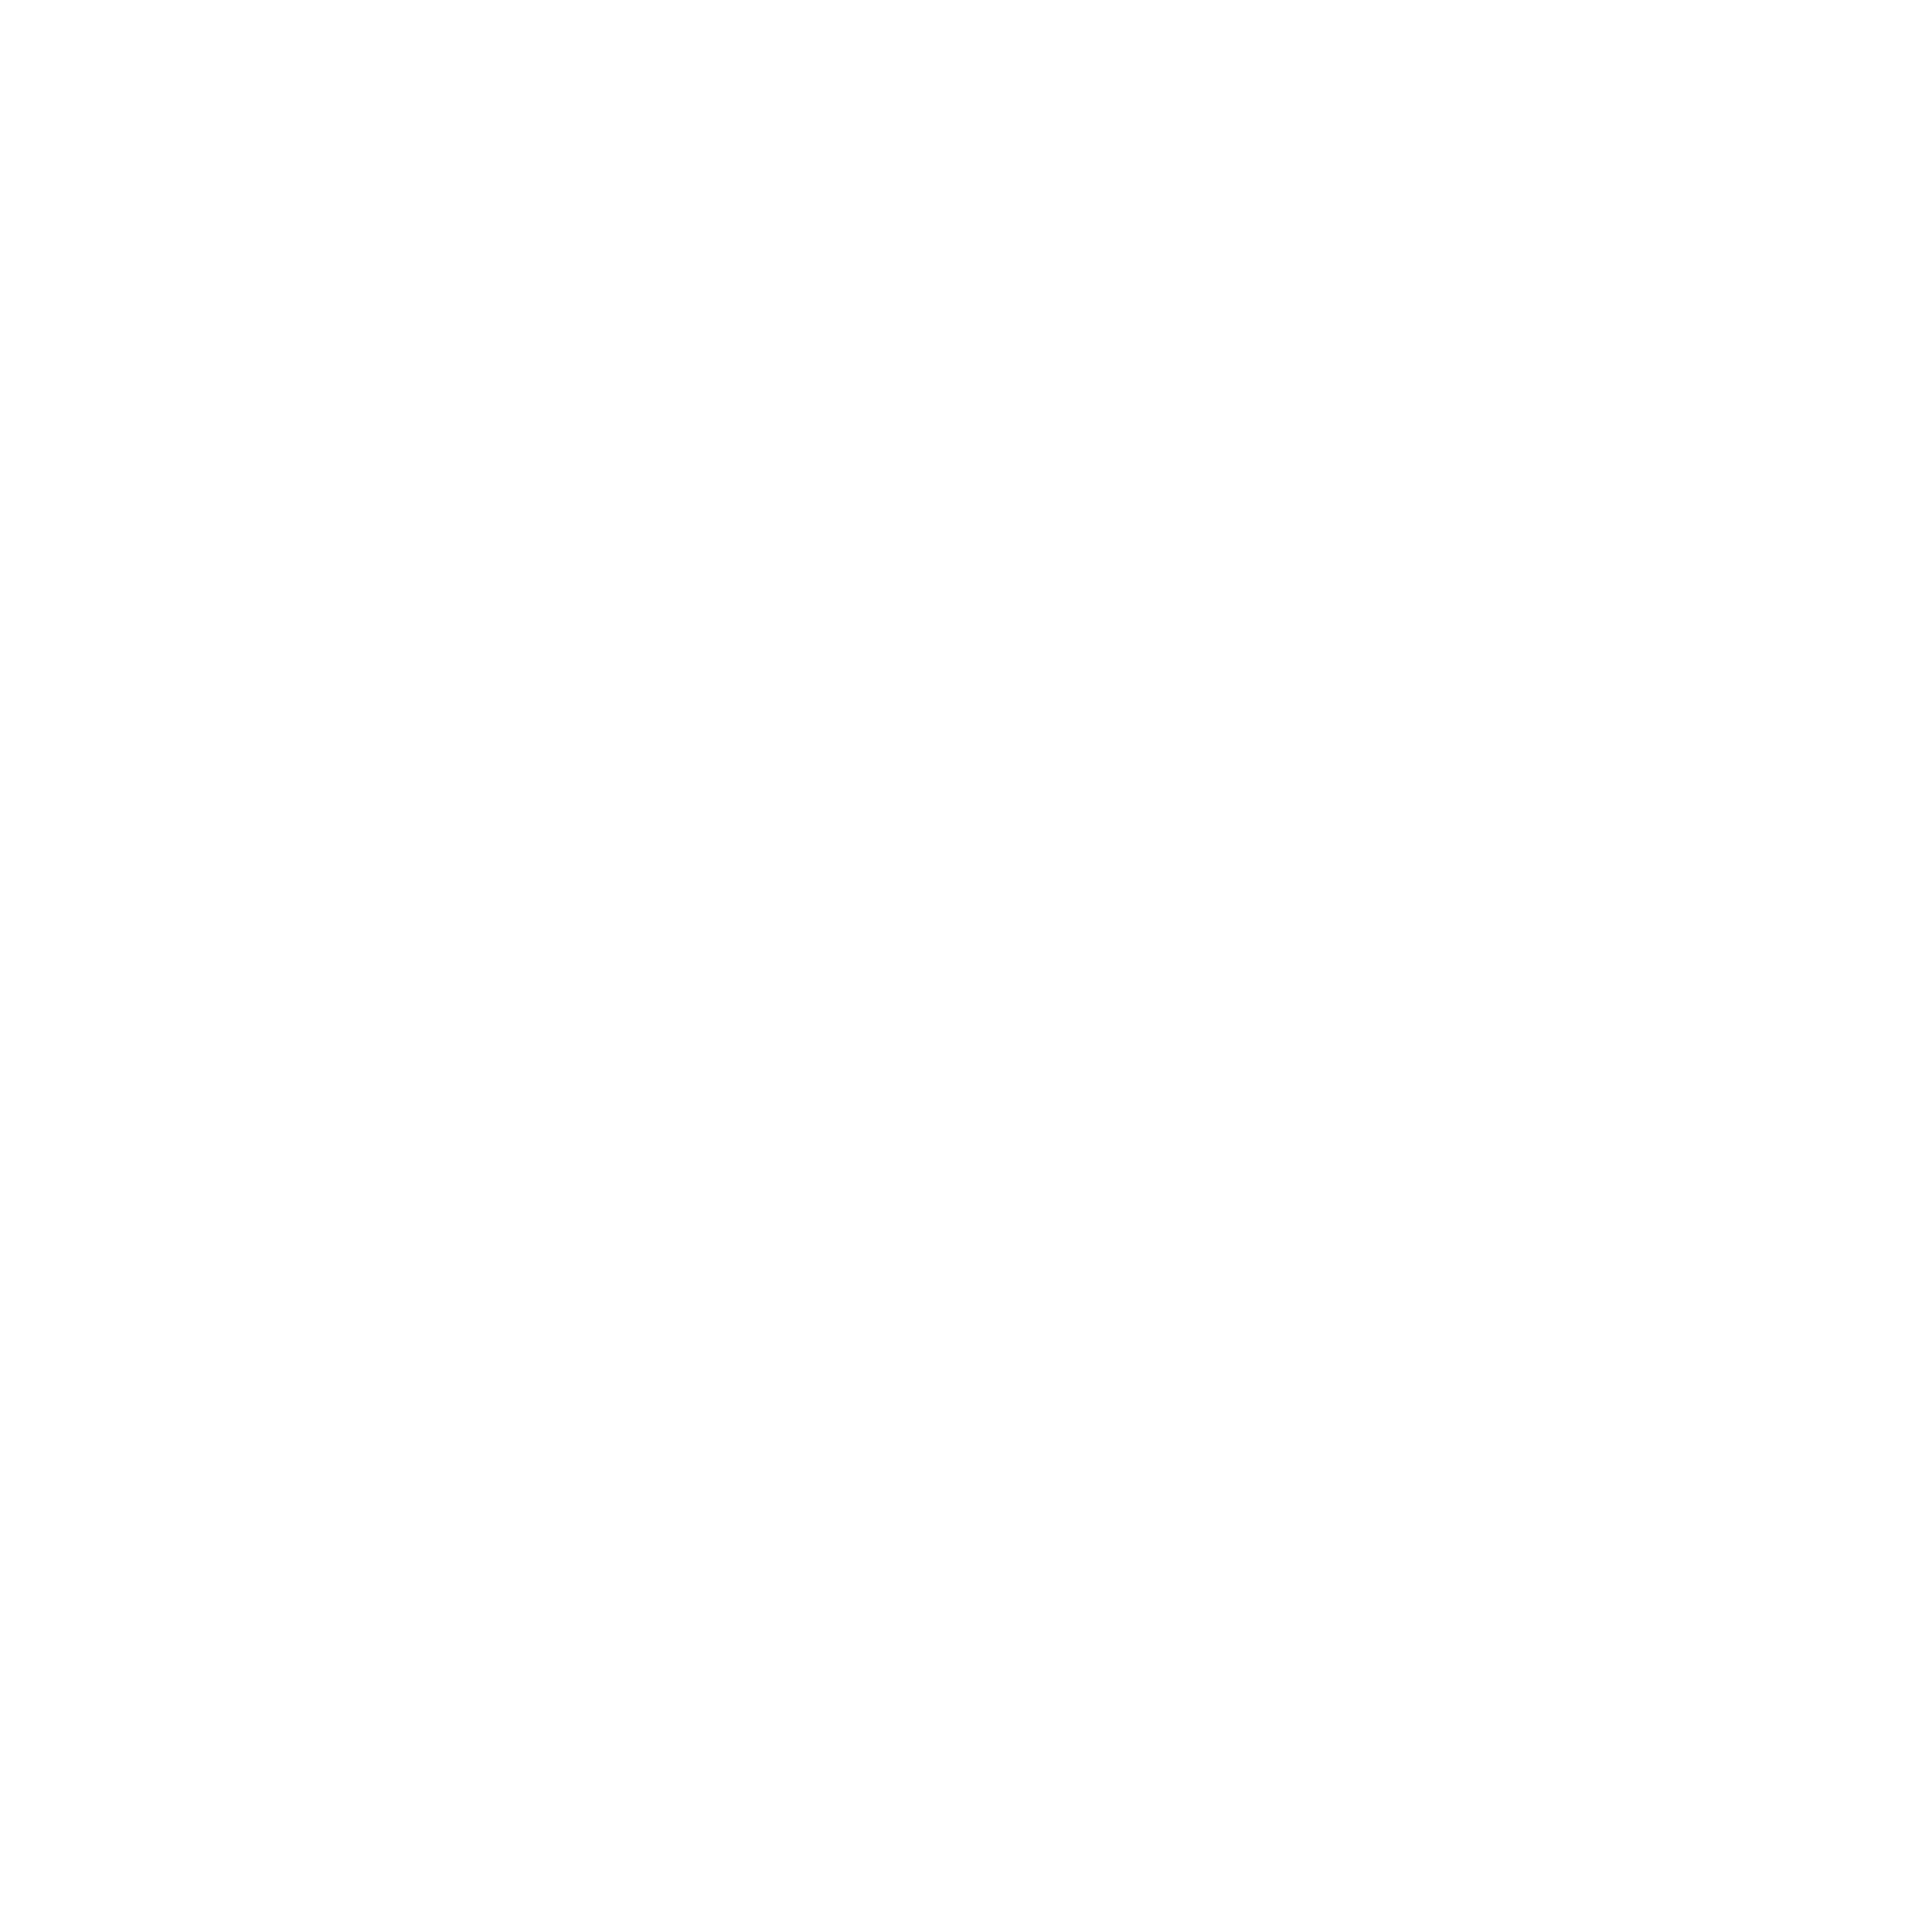 OBLQ_Arrow-13